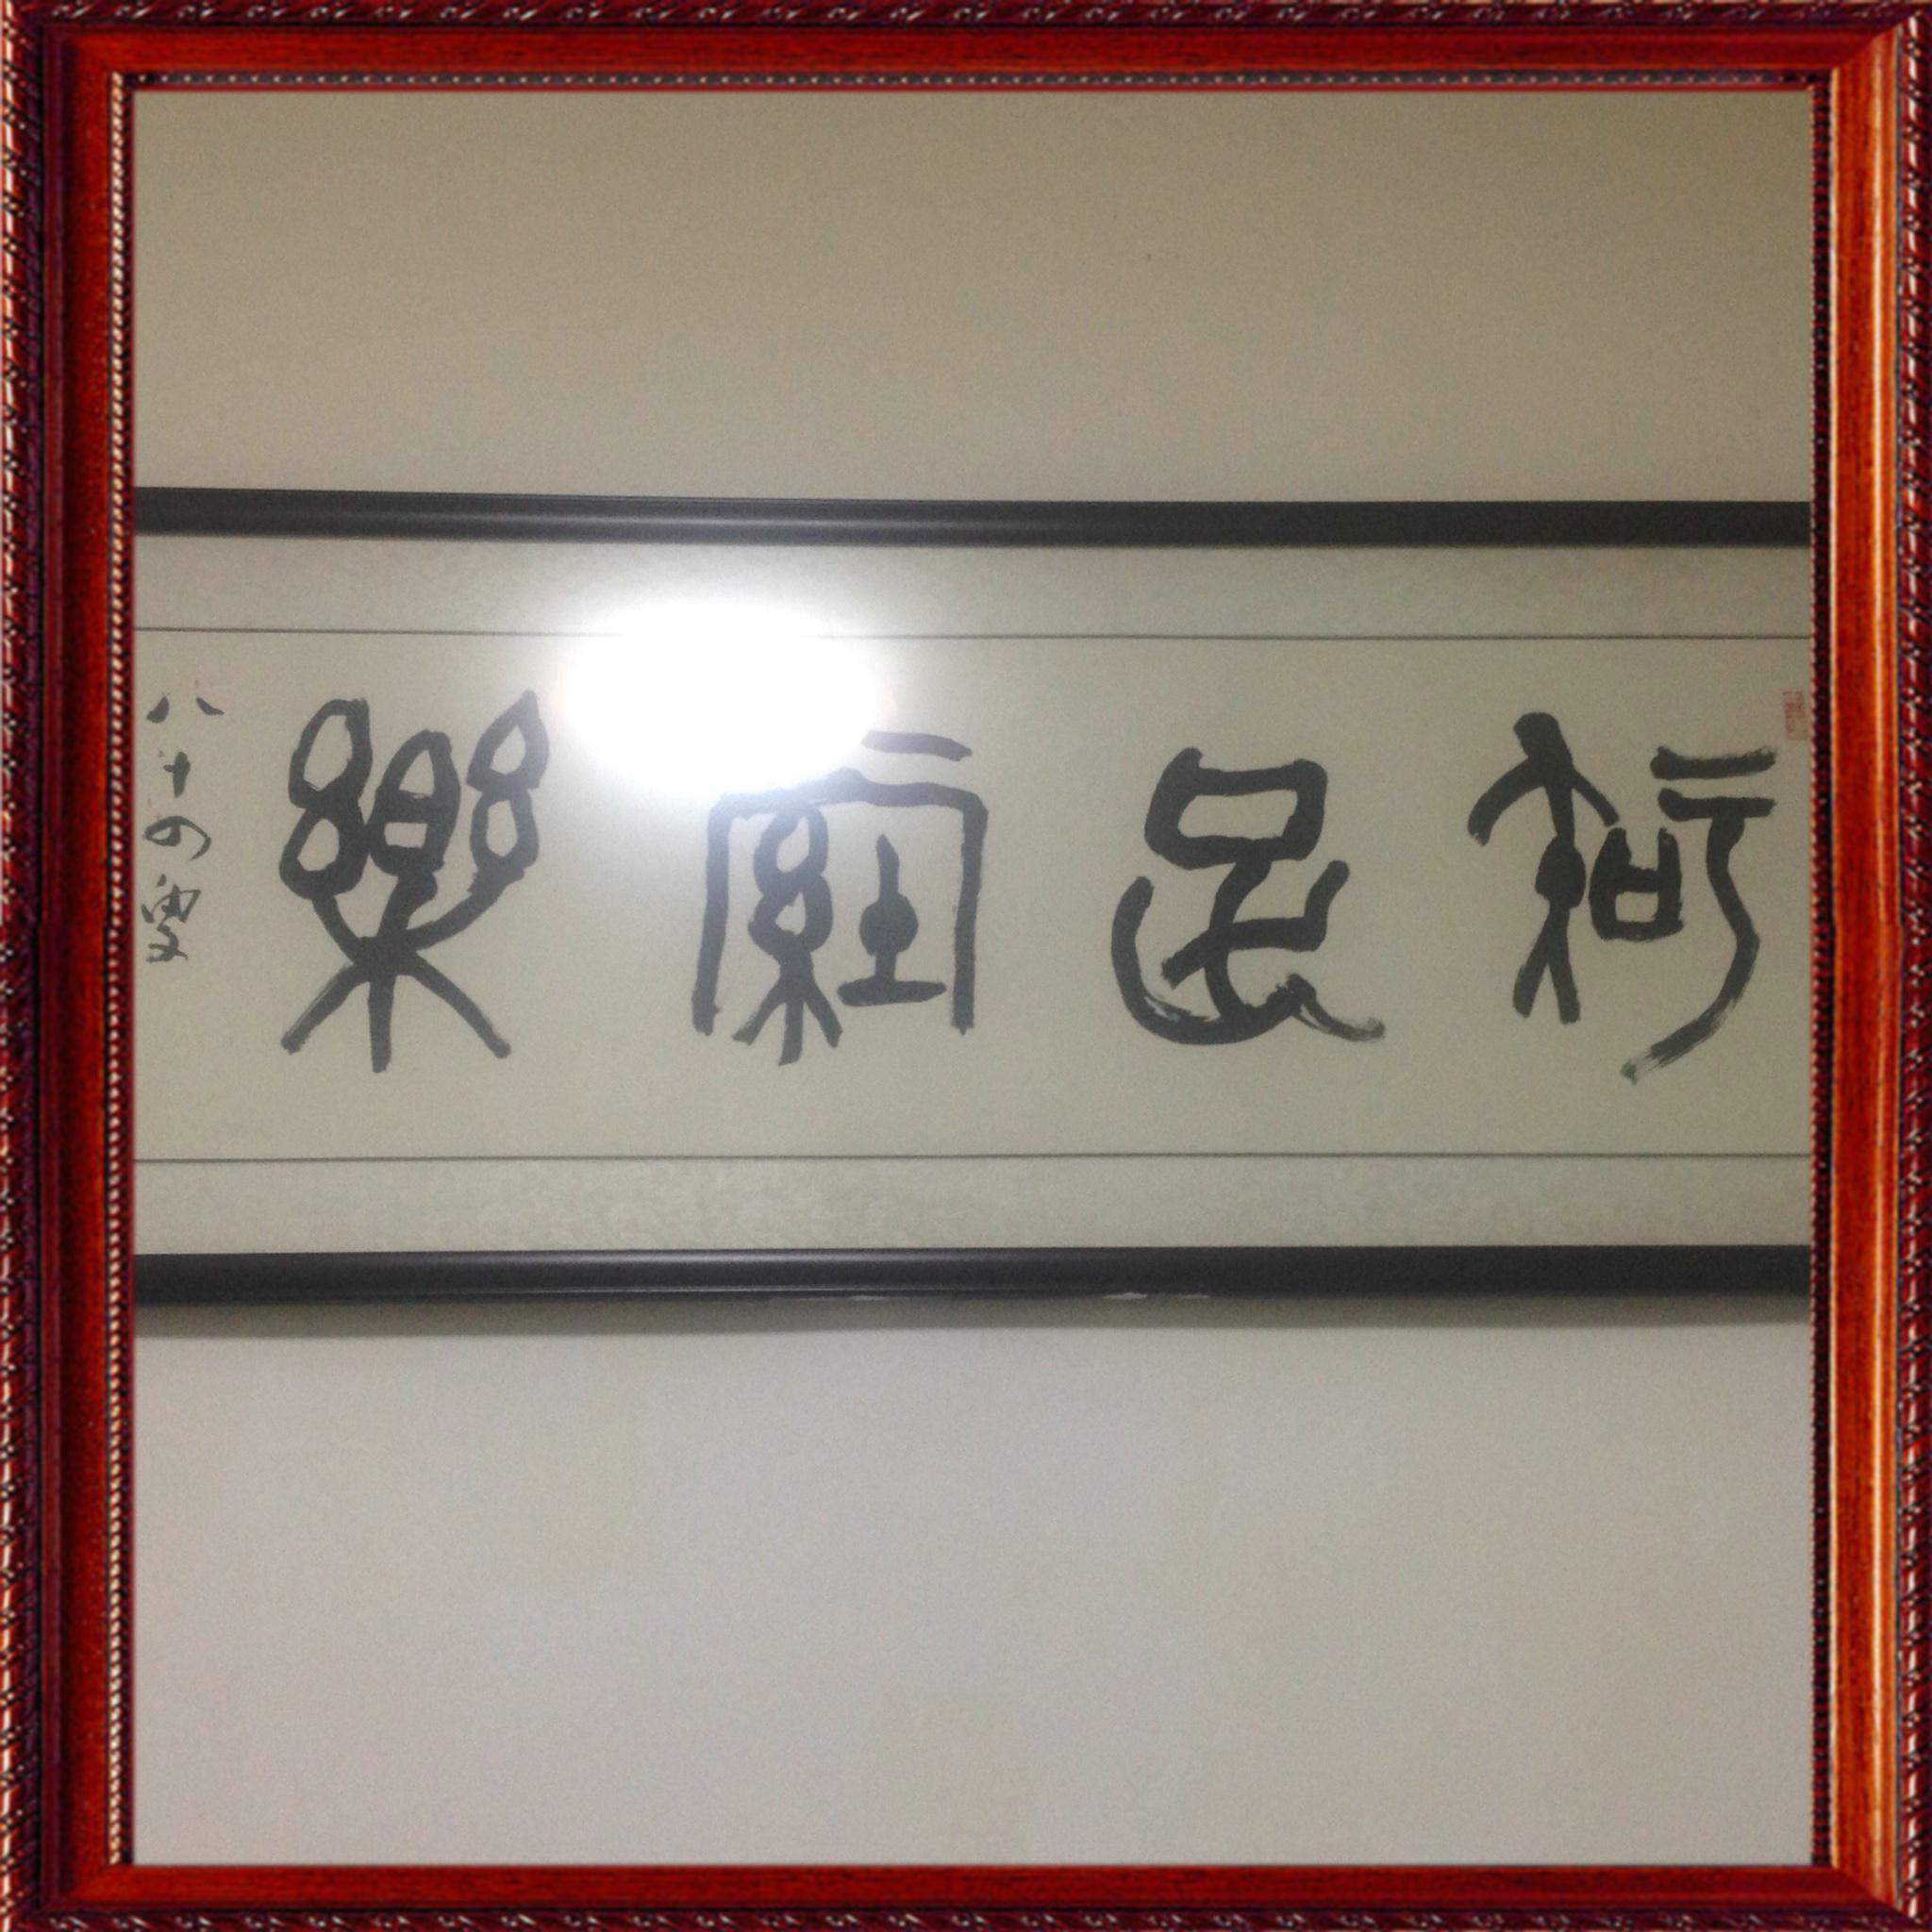 新中国书画八大家\著名红色艺术家曾广德作品(知足常乐)